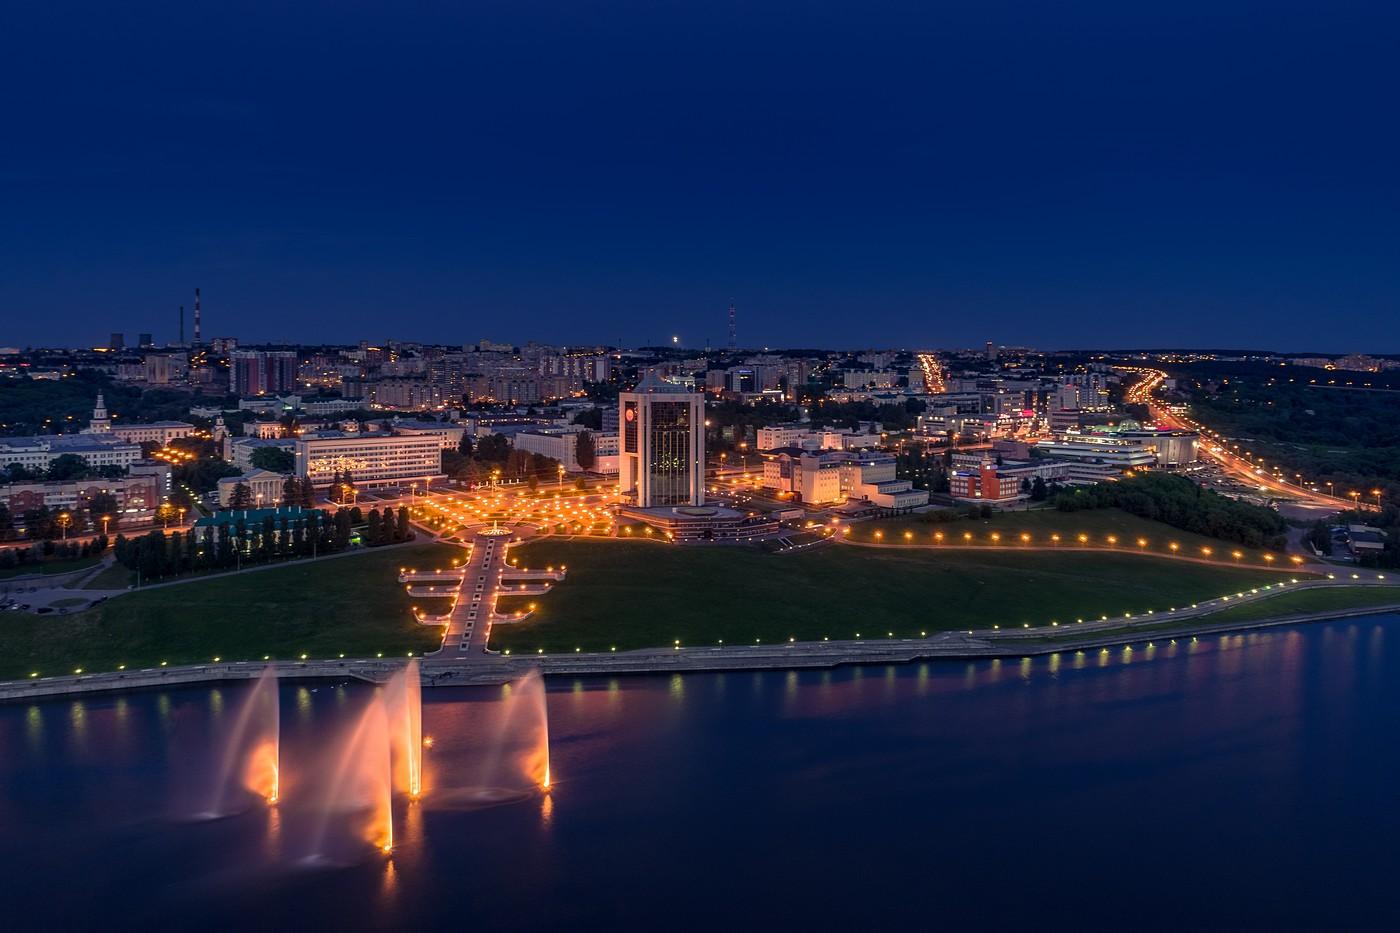 пишет, уходящем город чебоксары в картинках европейский